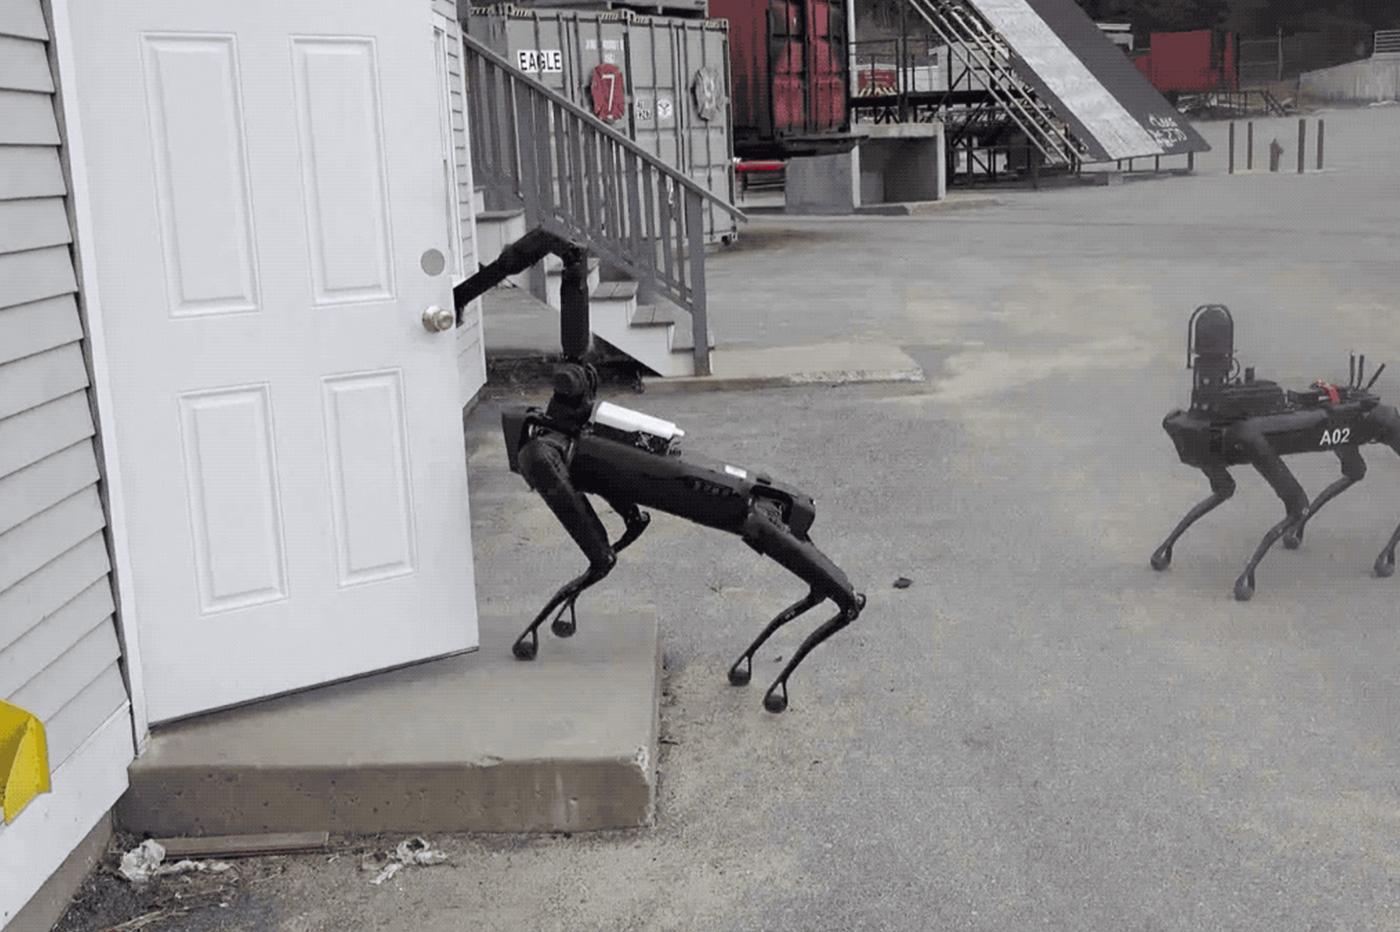 police robot Boston Dynamics